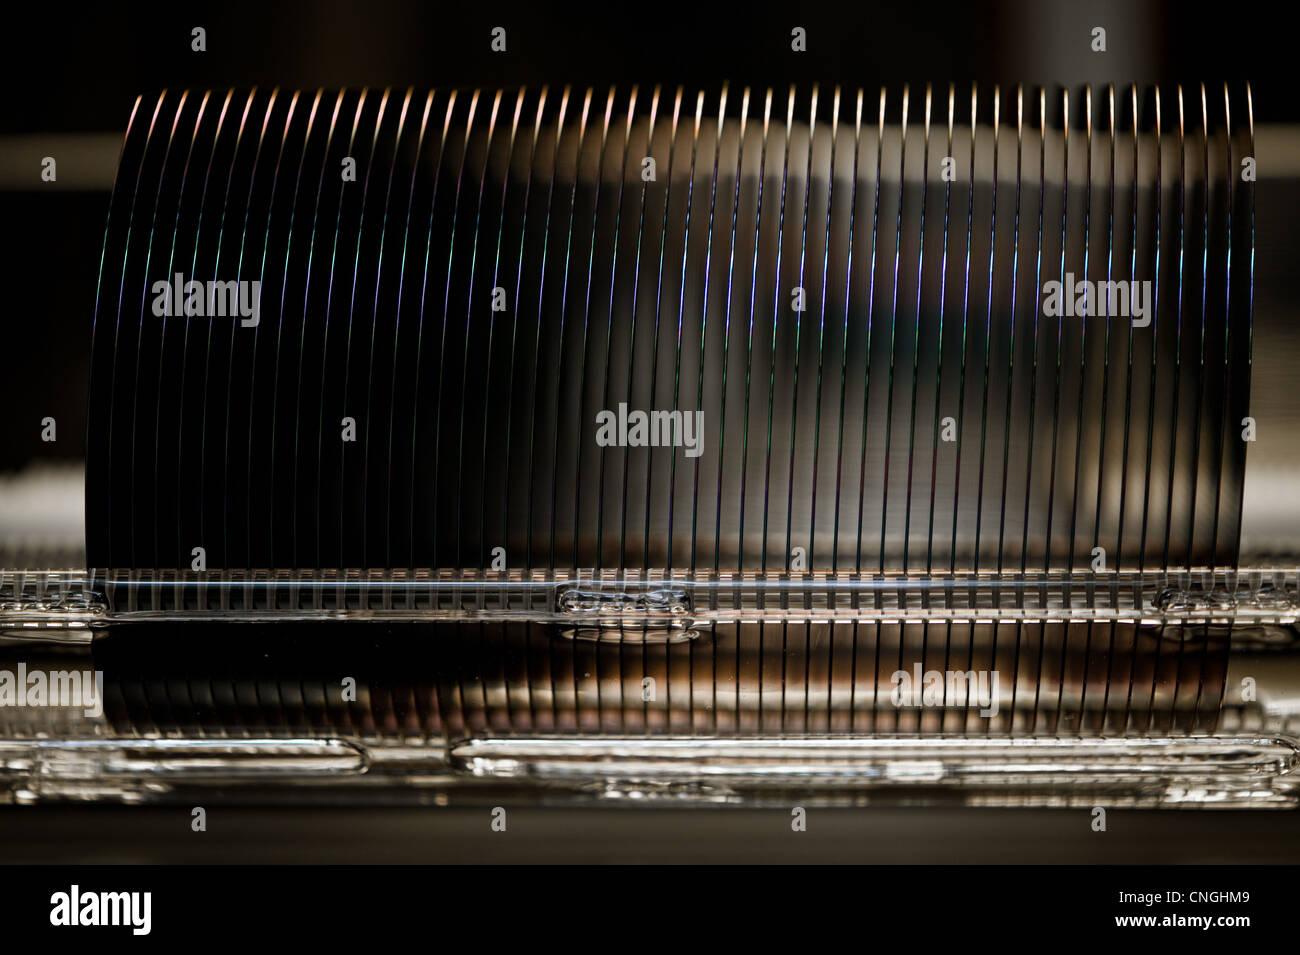 Avec le bac sur une chaîne de production de wafer Photo Stock